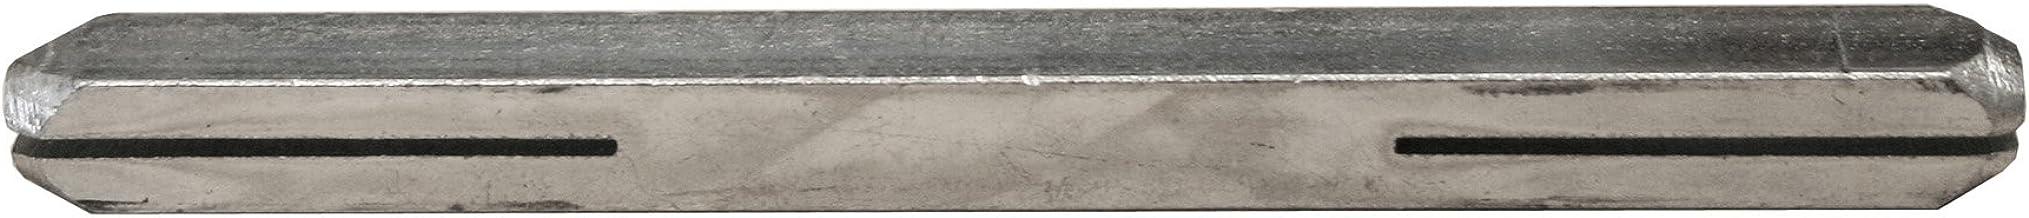 Alpertec 32230810K1 vierkante stift 8x105mm verzinkt bevestigingspen voor deurkrukken deurbeslagen nieuw